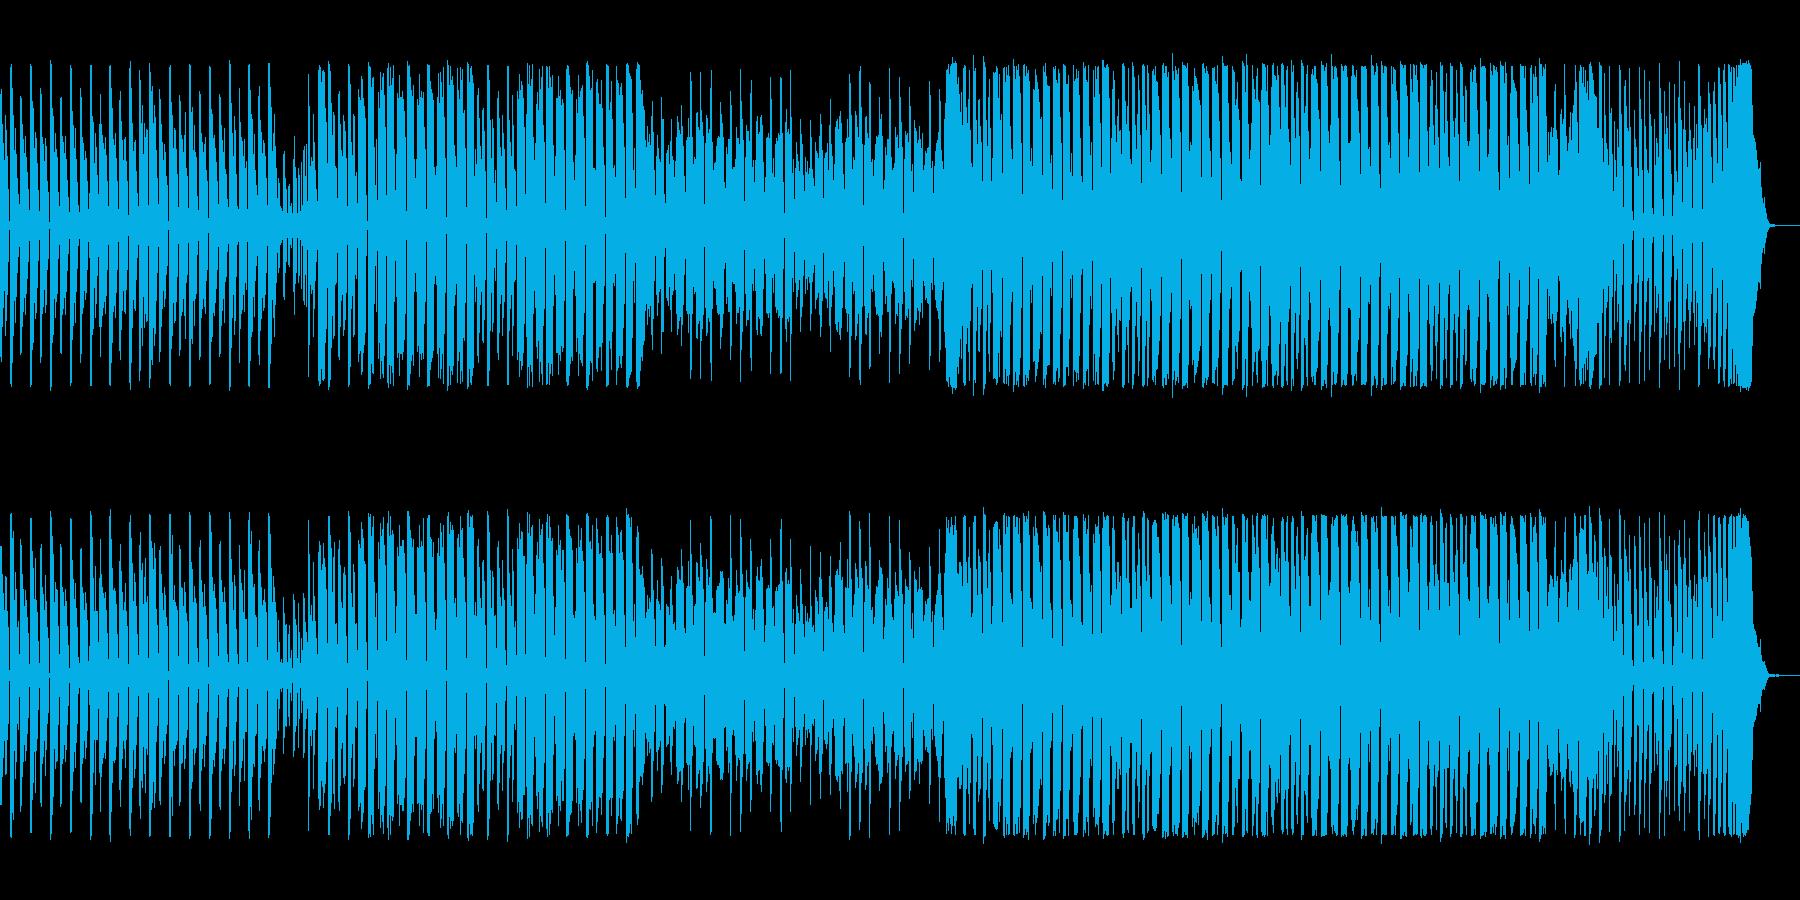 ポップで跳ね感のあるテクノの曲の再生済みの波形